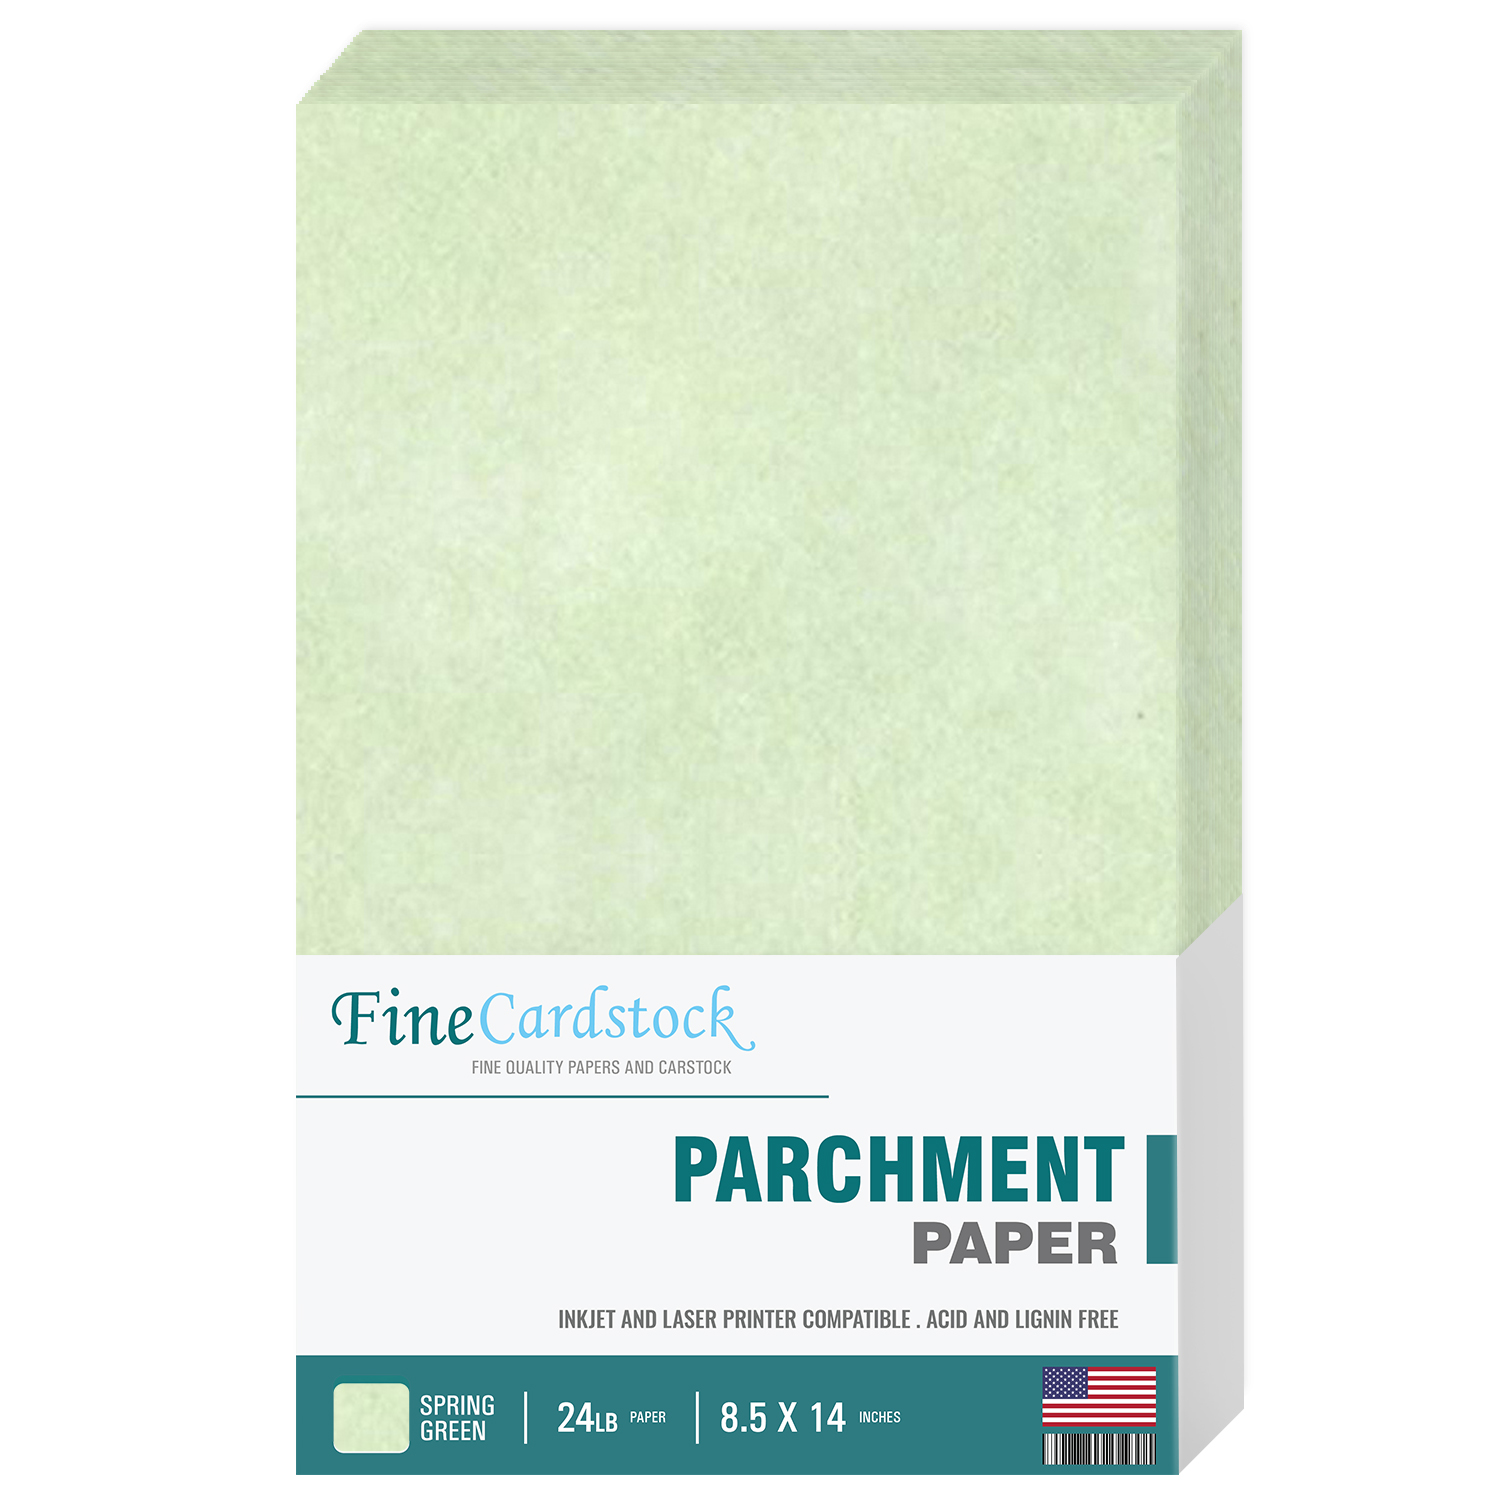 8.5 x 14  Parchment Paper